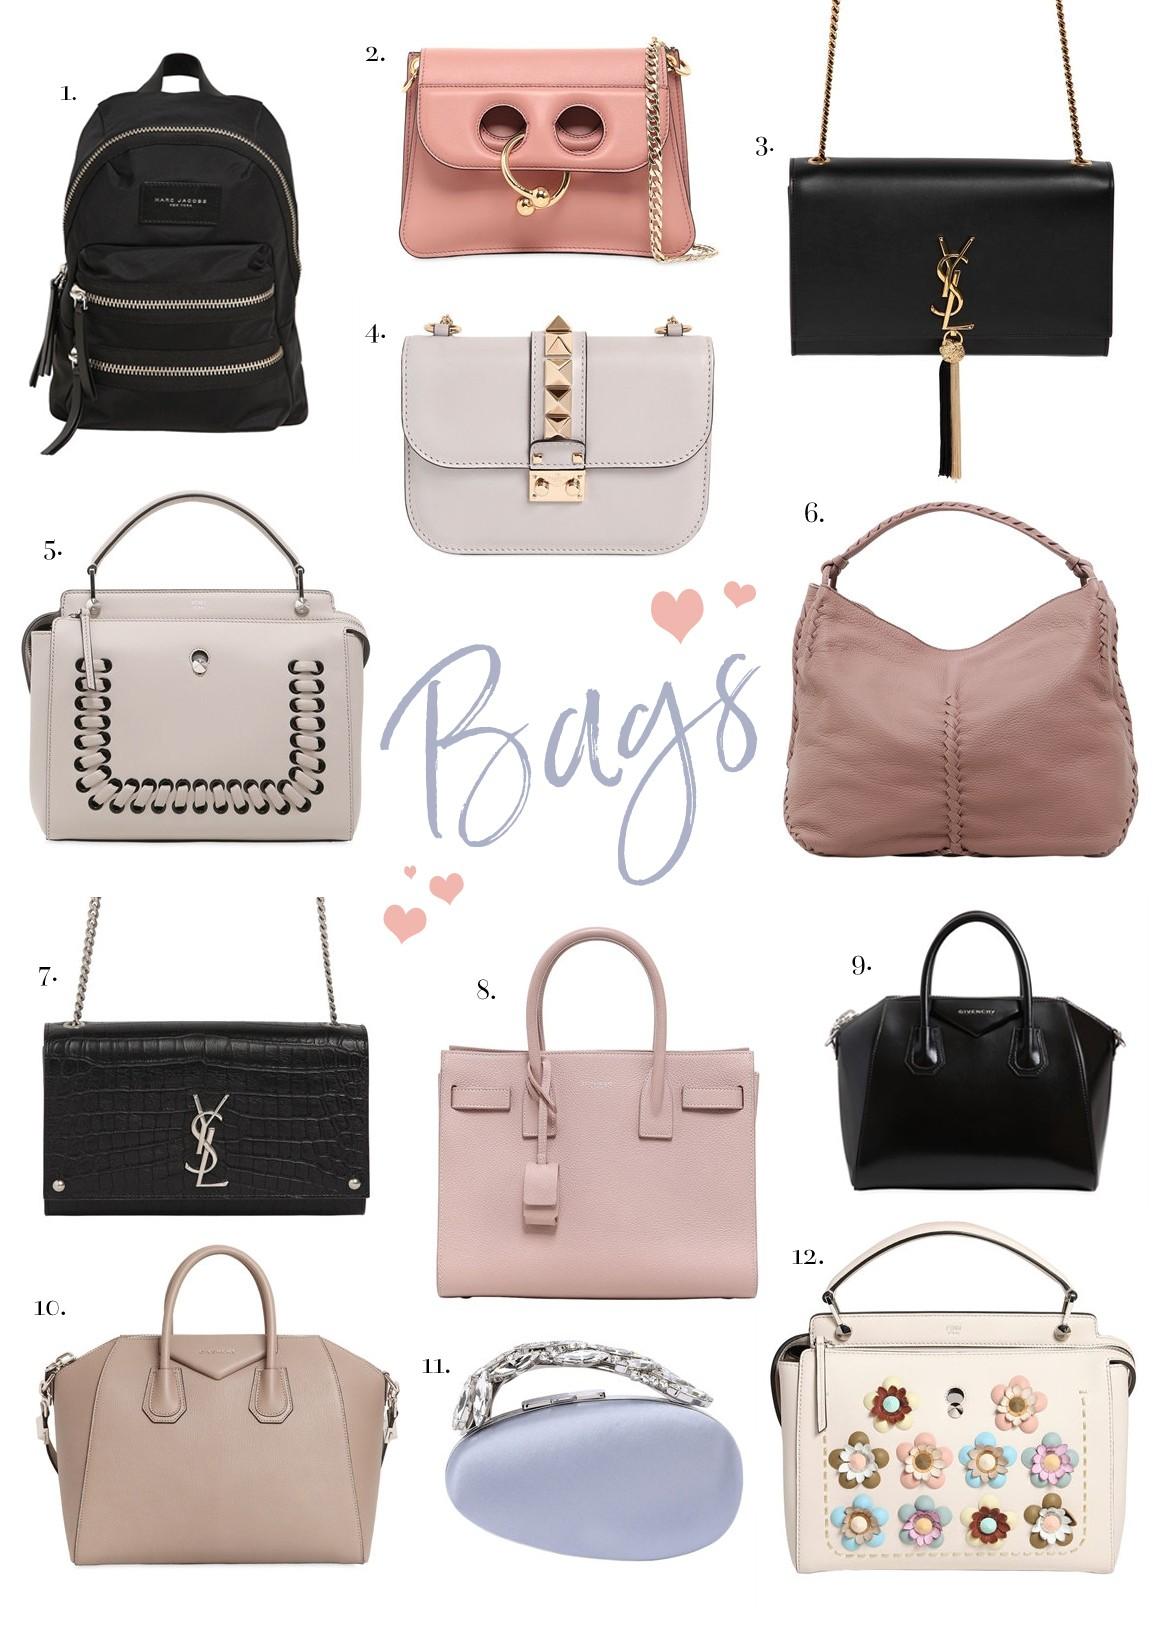 46dce8f82216 Designer Bag Sale! - Chase Amie